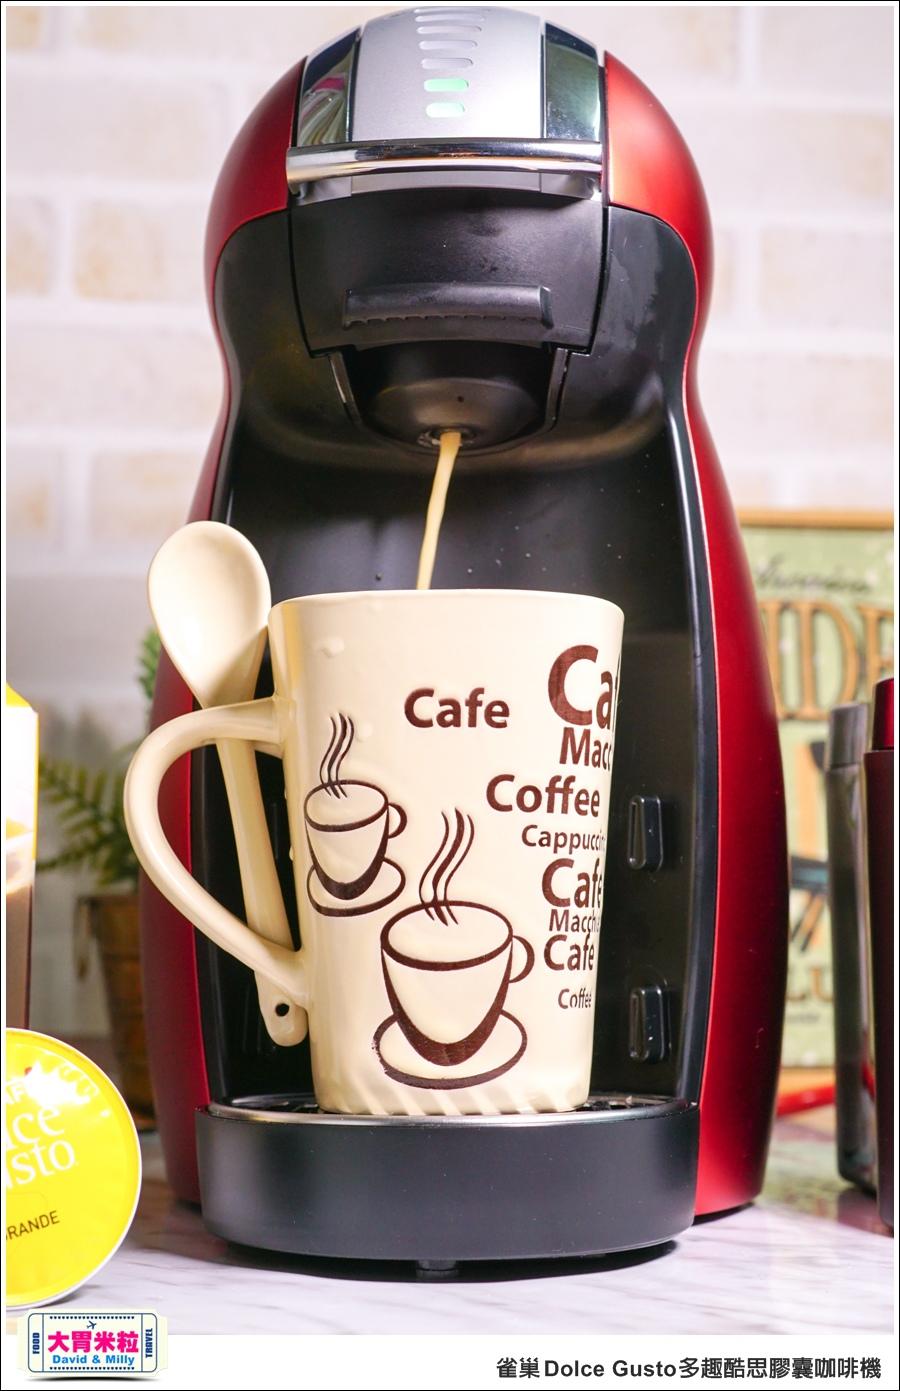 咖啡機推薦@雀巢 Dolce Gusto 多趣酷思膠囊咖啡機 @大胃米粒 0040.jpg